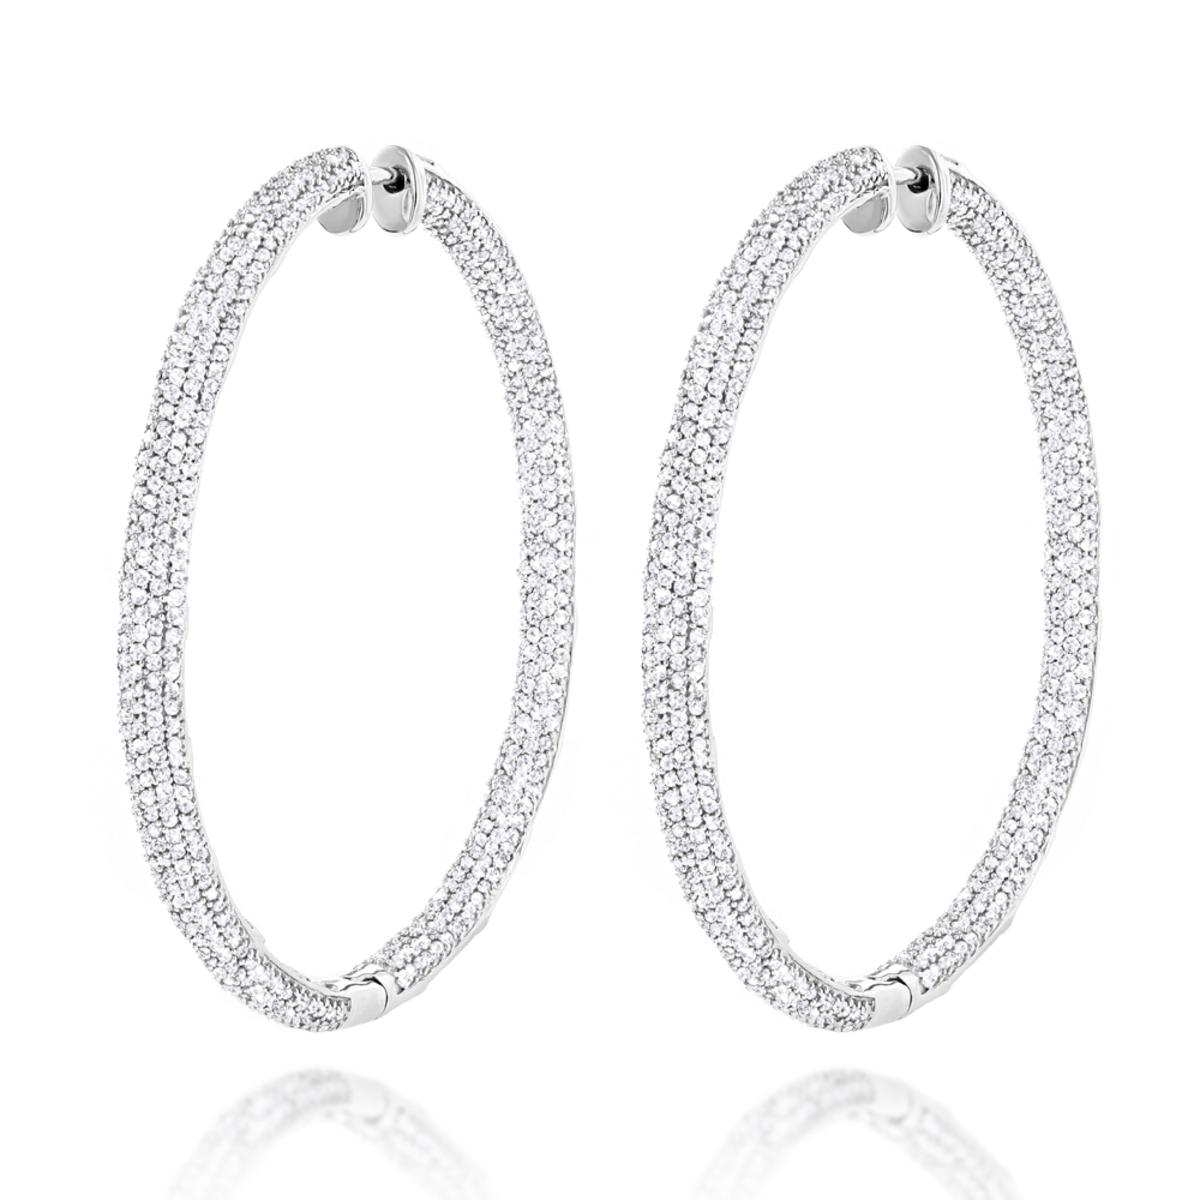 14K Gold Inside Out Diamond Hoop Earrings 5.40ct